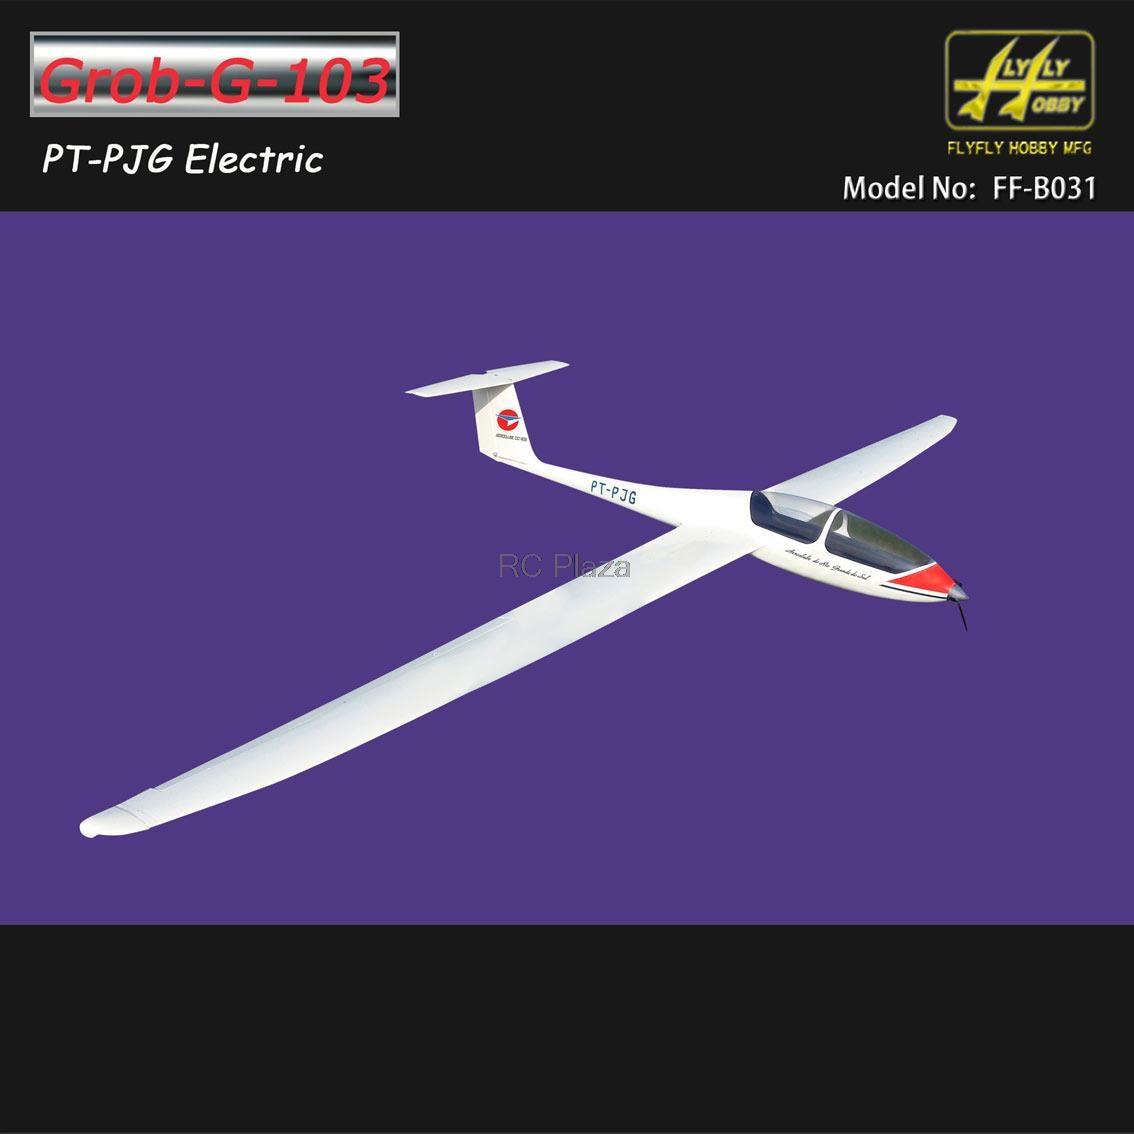 Grob-G-103 Électrique Planeur PT-PJG avec frein 3000mm ARF RC En Fiber De Verre Modèle Planeur